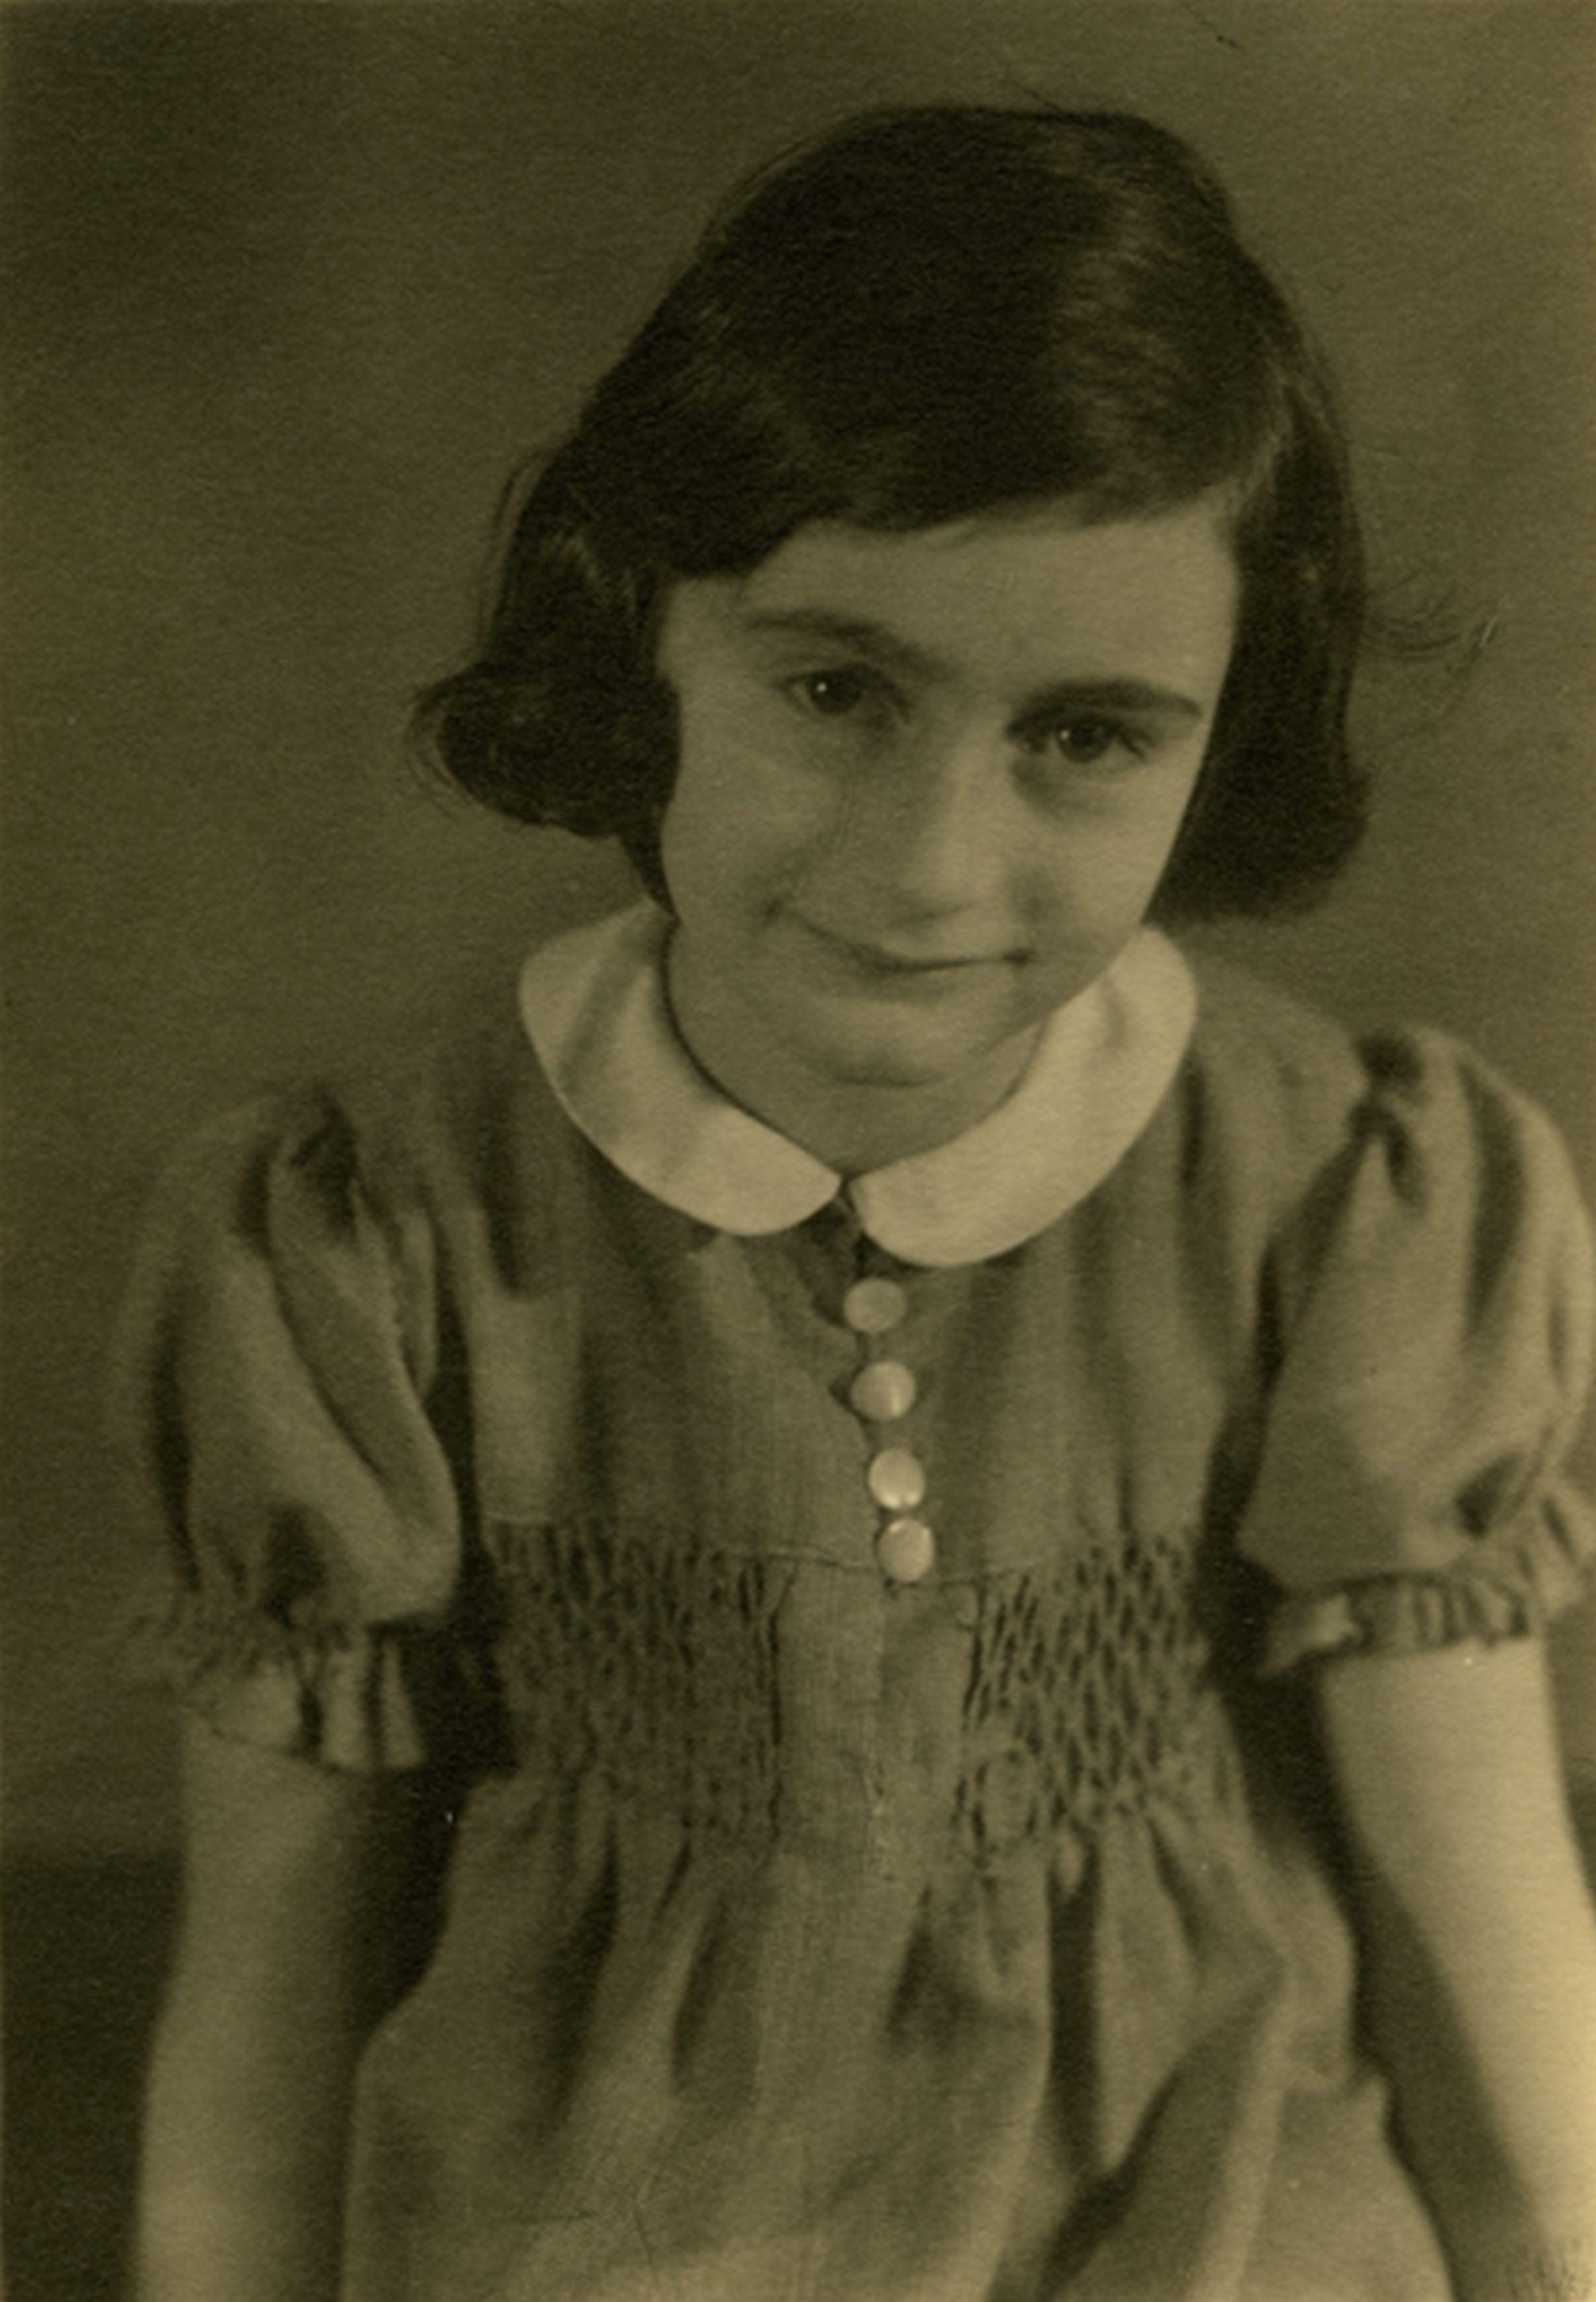 Anne Frank, Margot